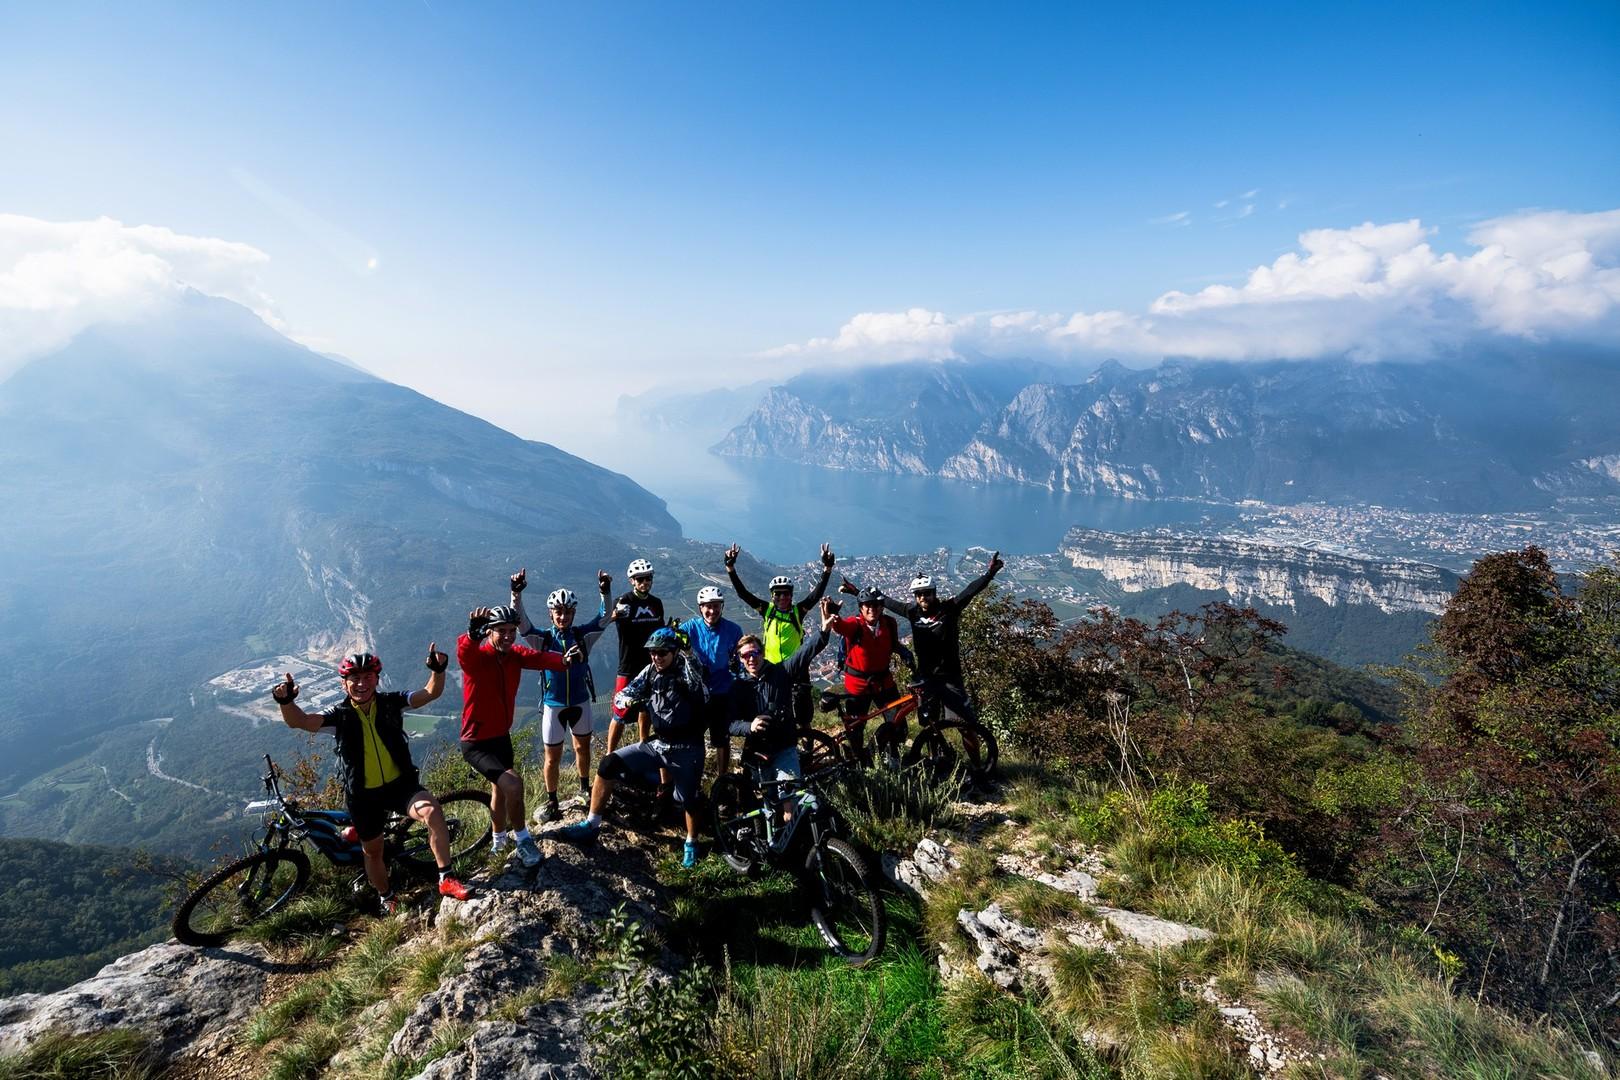 Alcuni dei partecipanti alla prima edizione di Emtb Adventure in uno dei punti panoramici raggiunti in sella alle mountain bike a pedalata assistita. (Photo Archivio Garda Trentino/Miha Matavz)